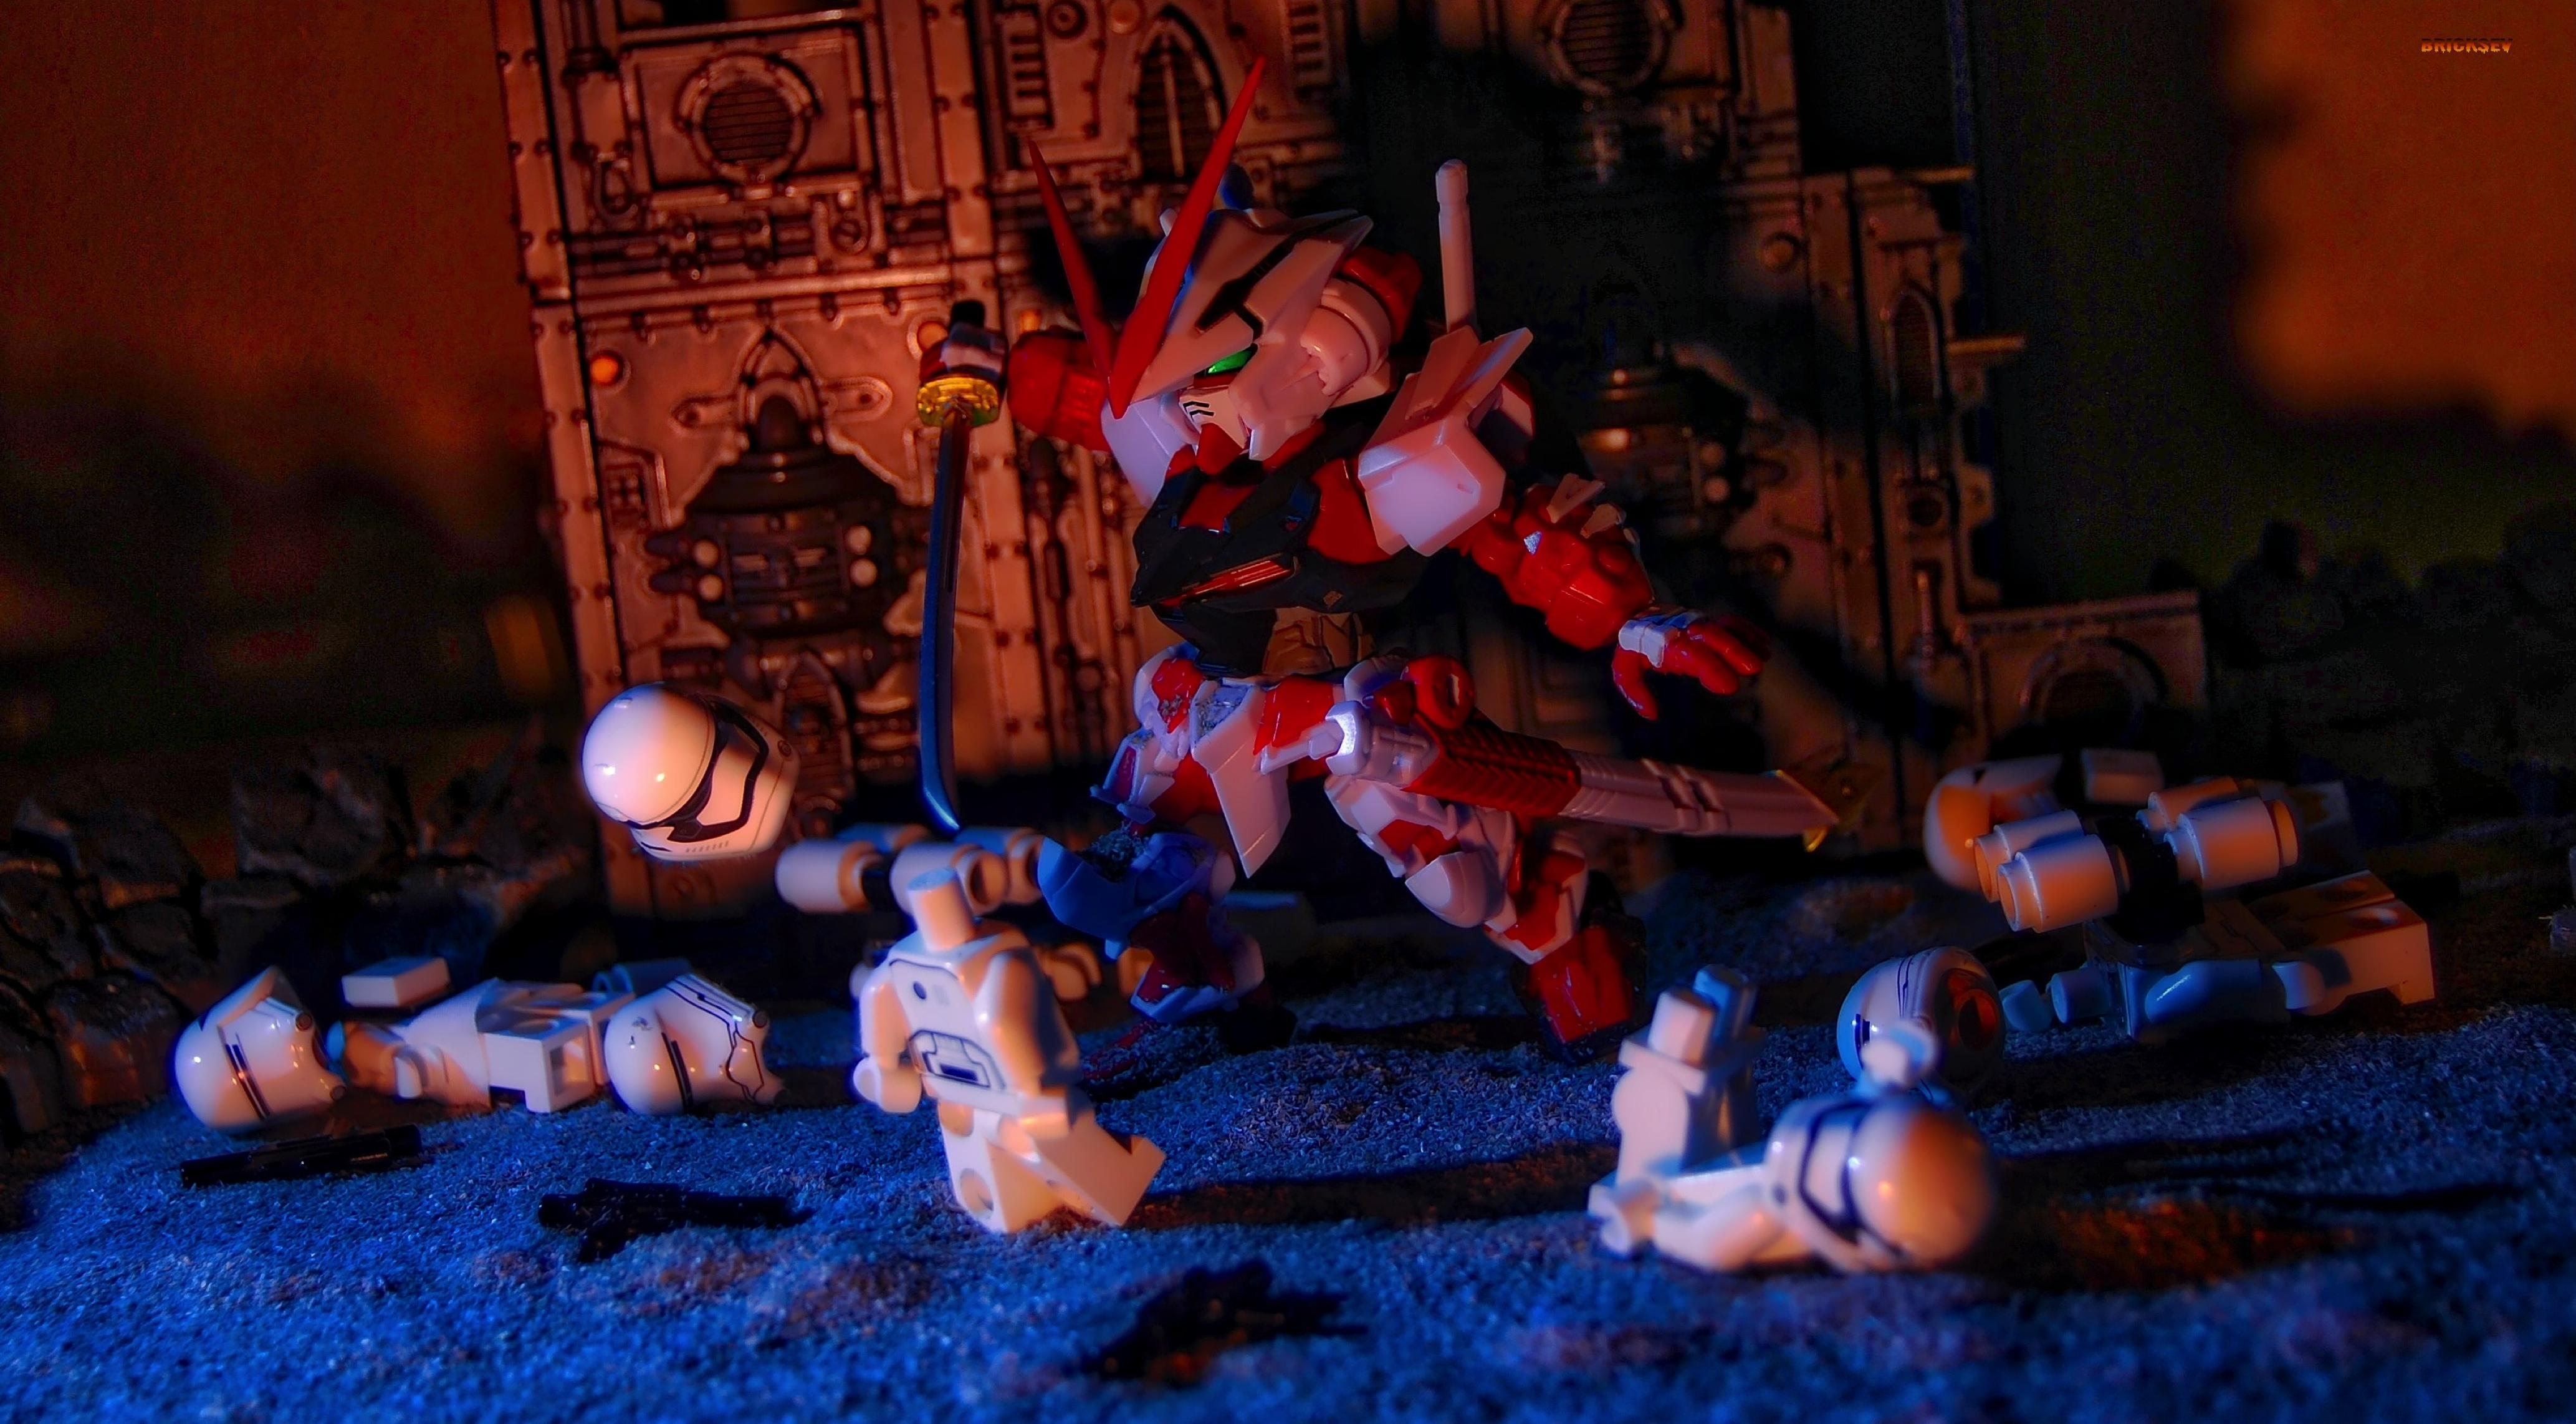 Hintergrundbilder : Sonnenuntergang, rot, Spielzeug, Action Figur ...